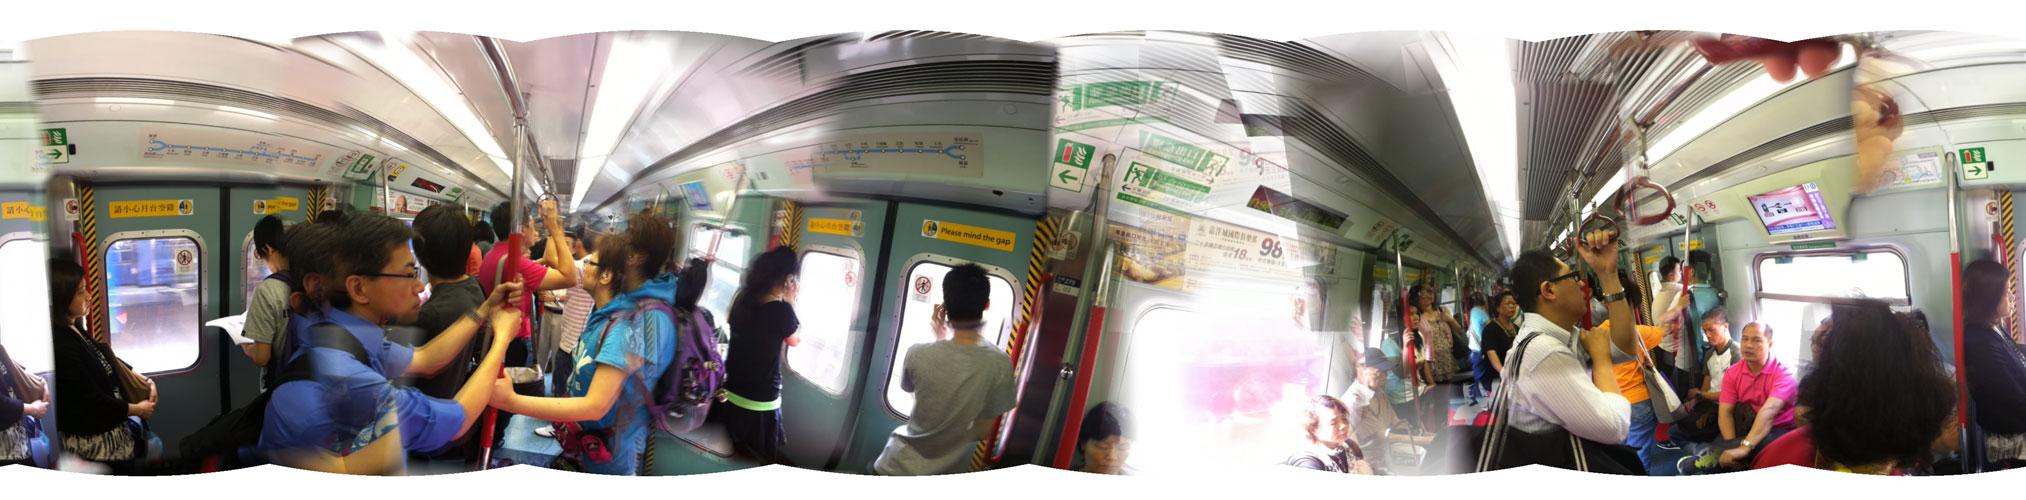 subway pano